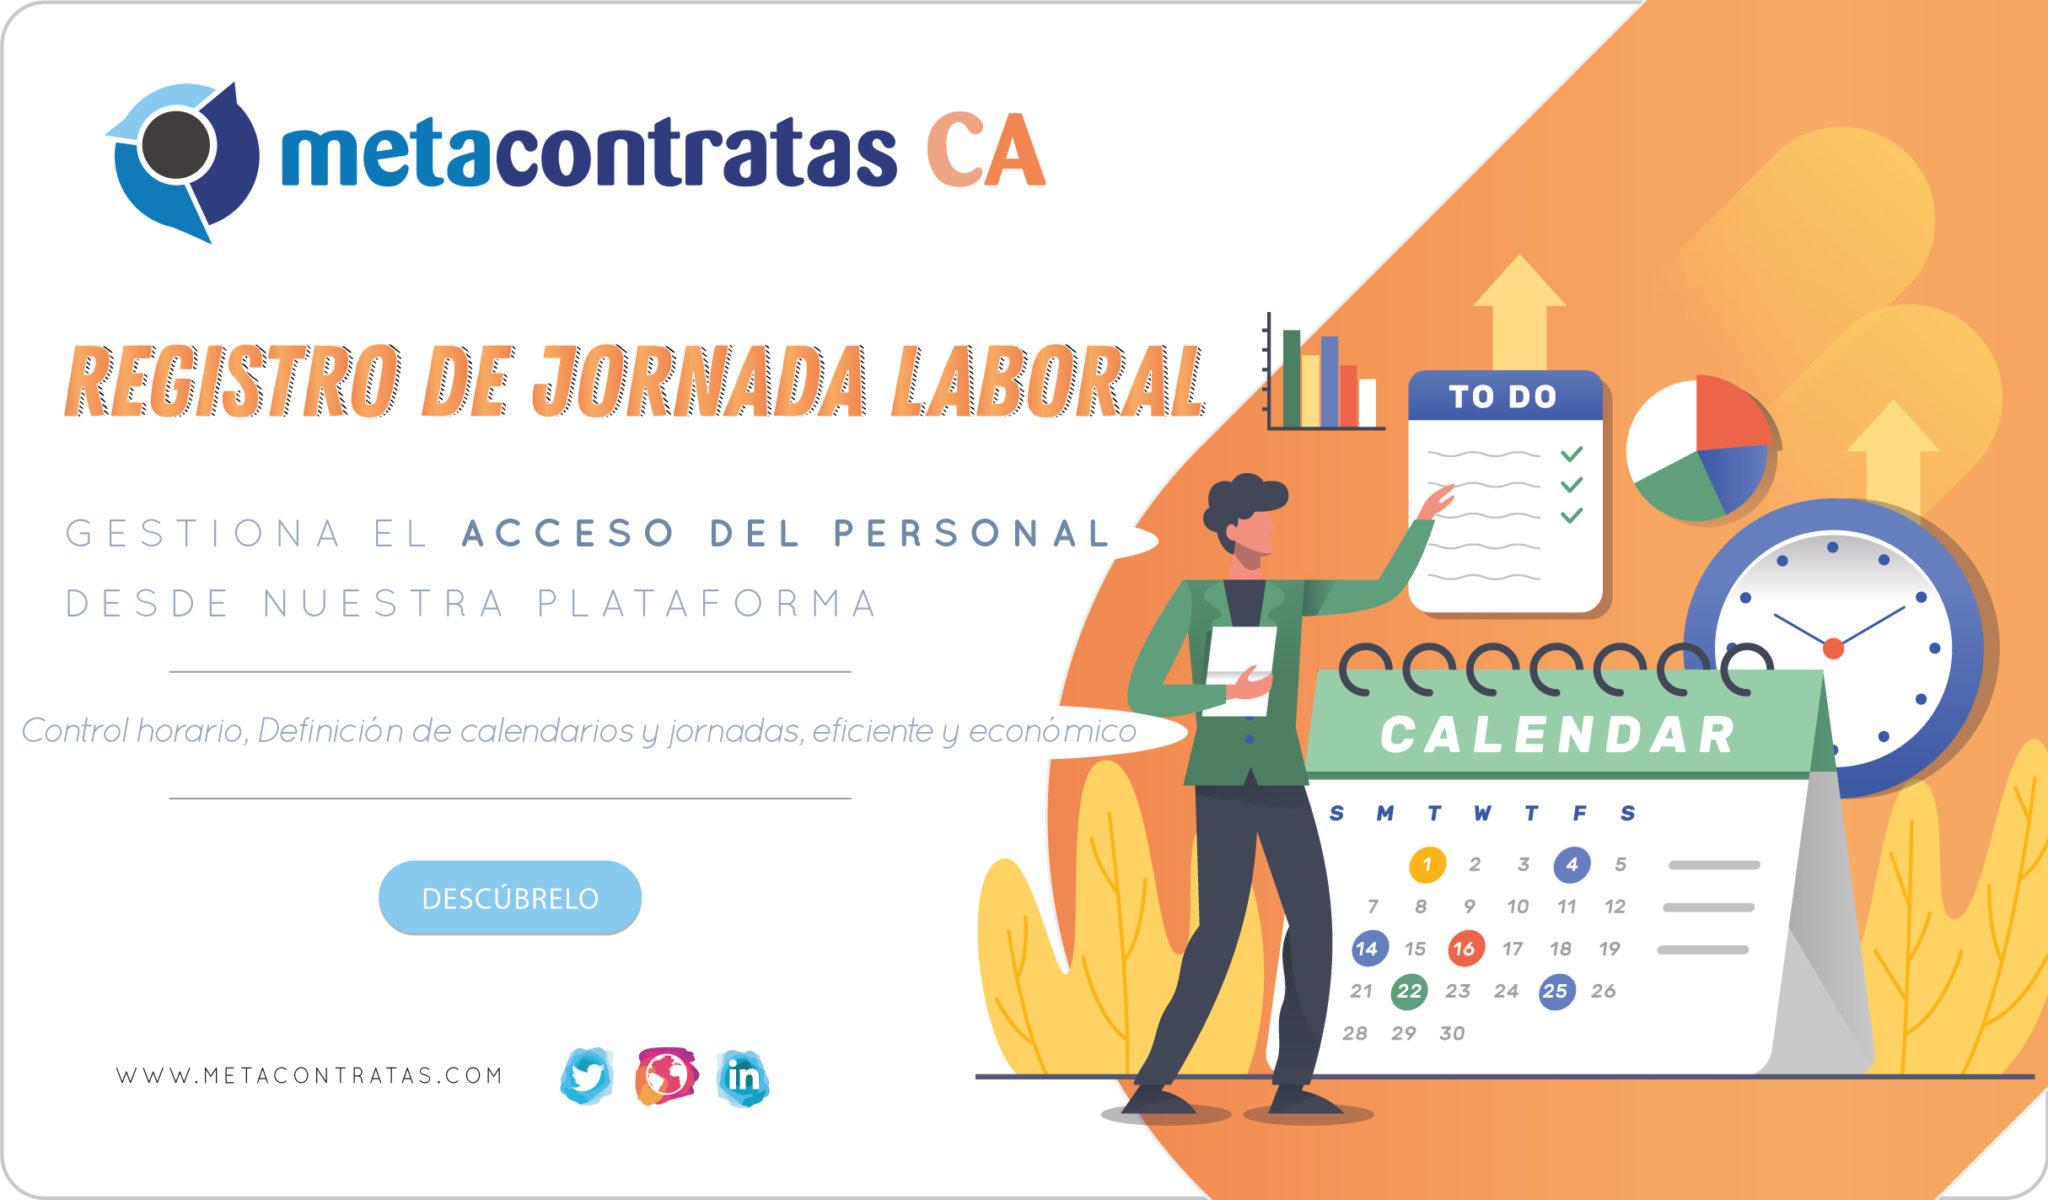 cartel registro de jornada laboral